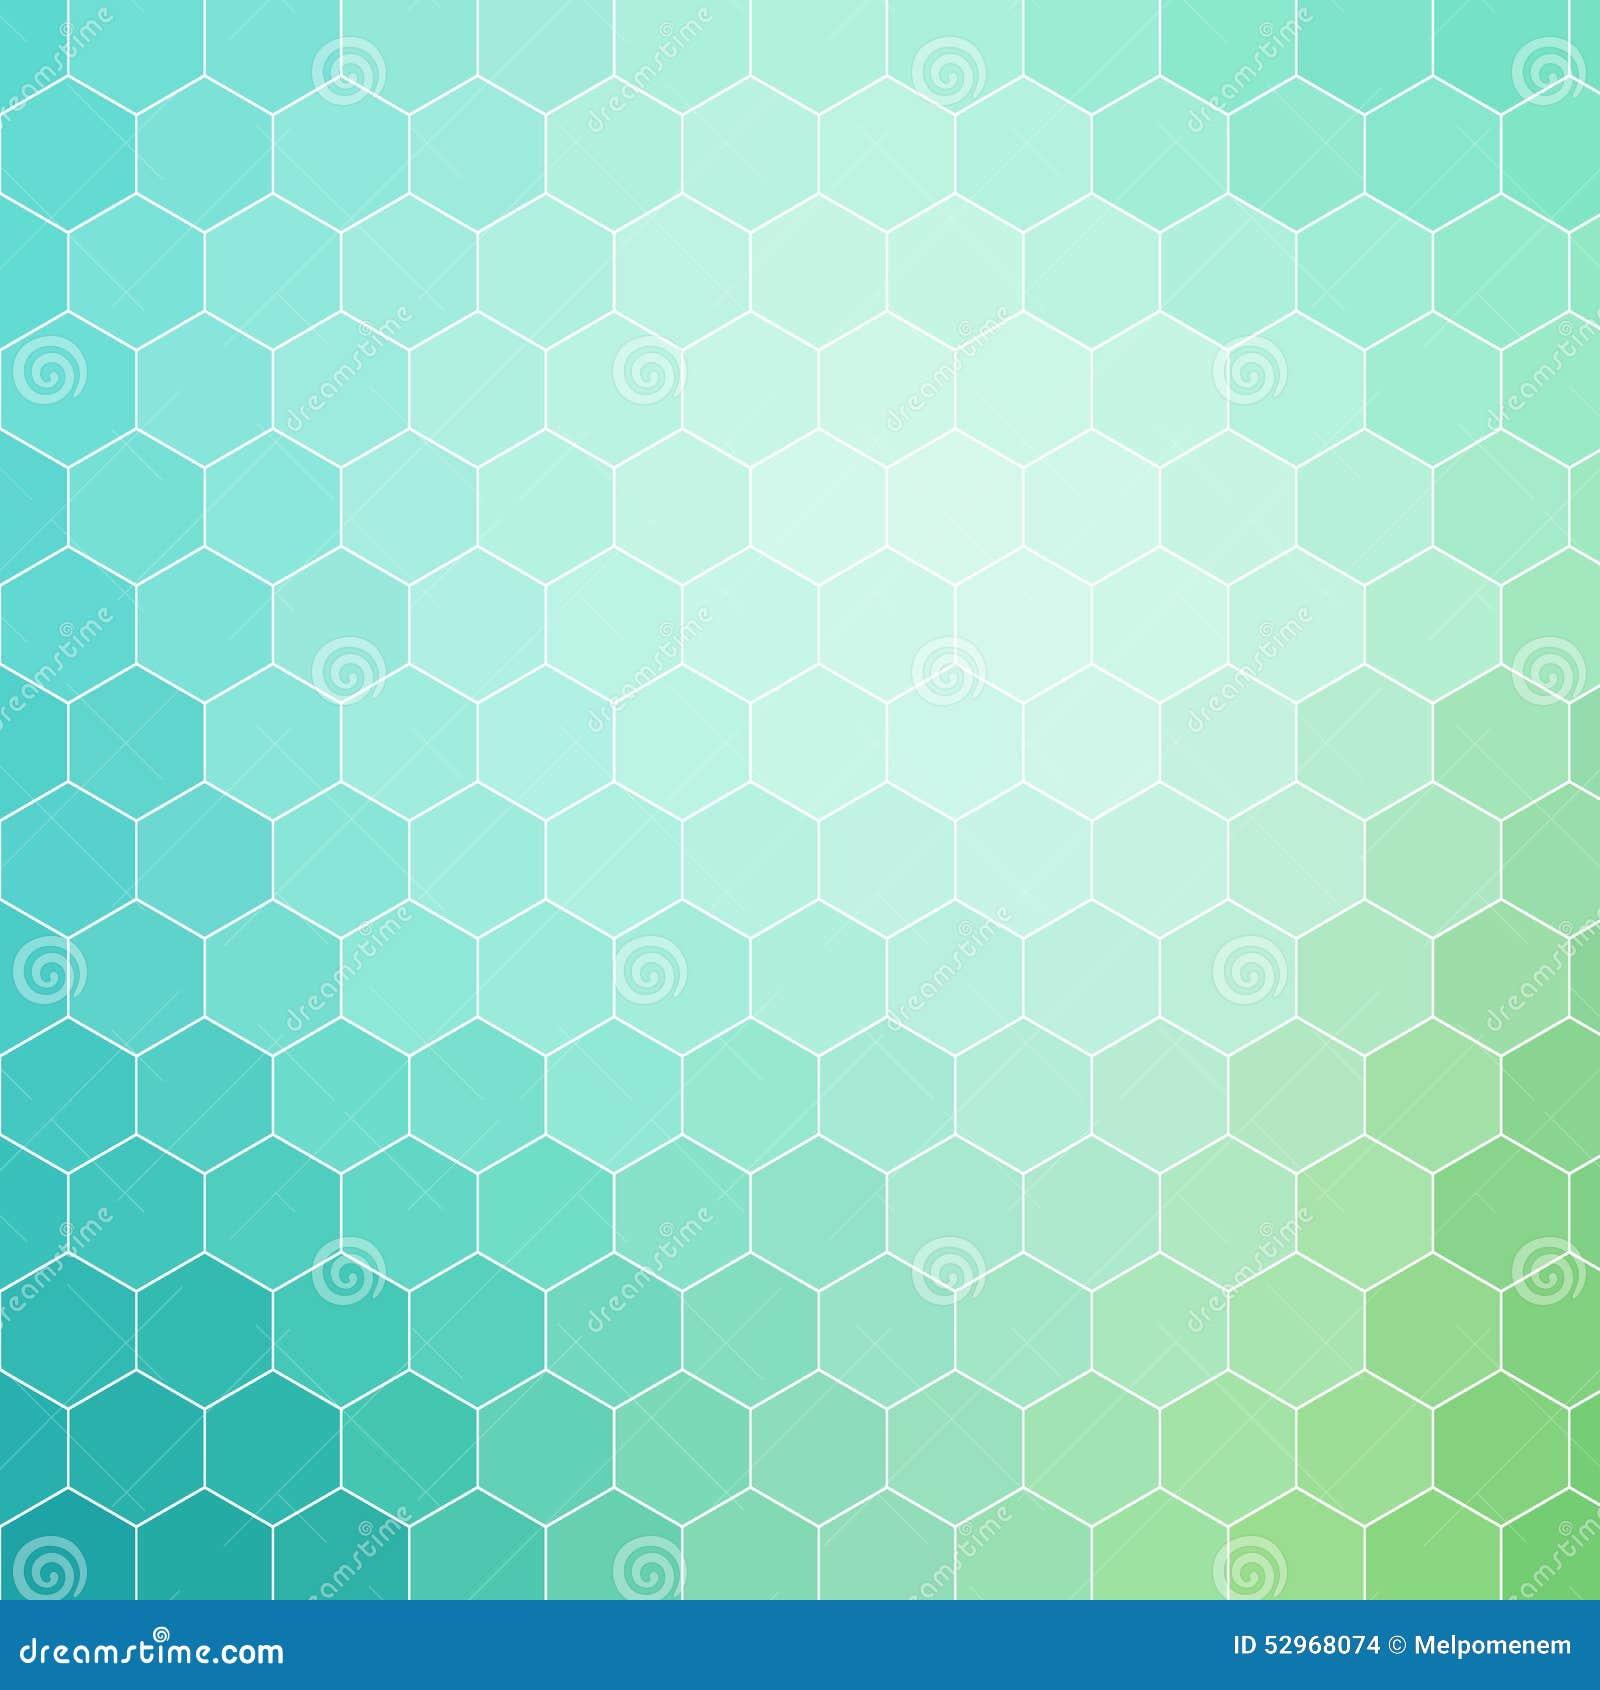 blue hexagonal pattern vector - photo #5